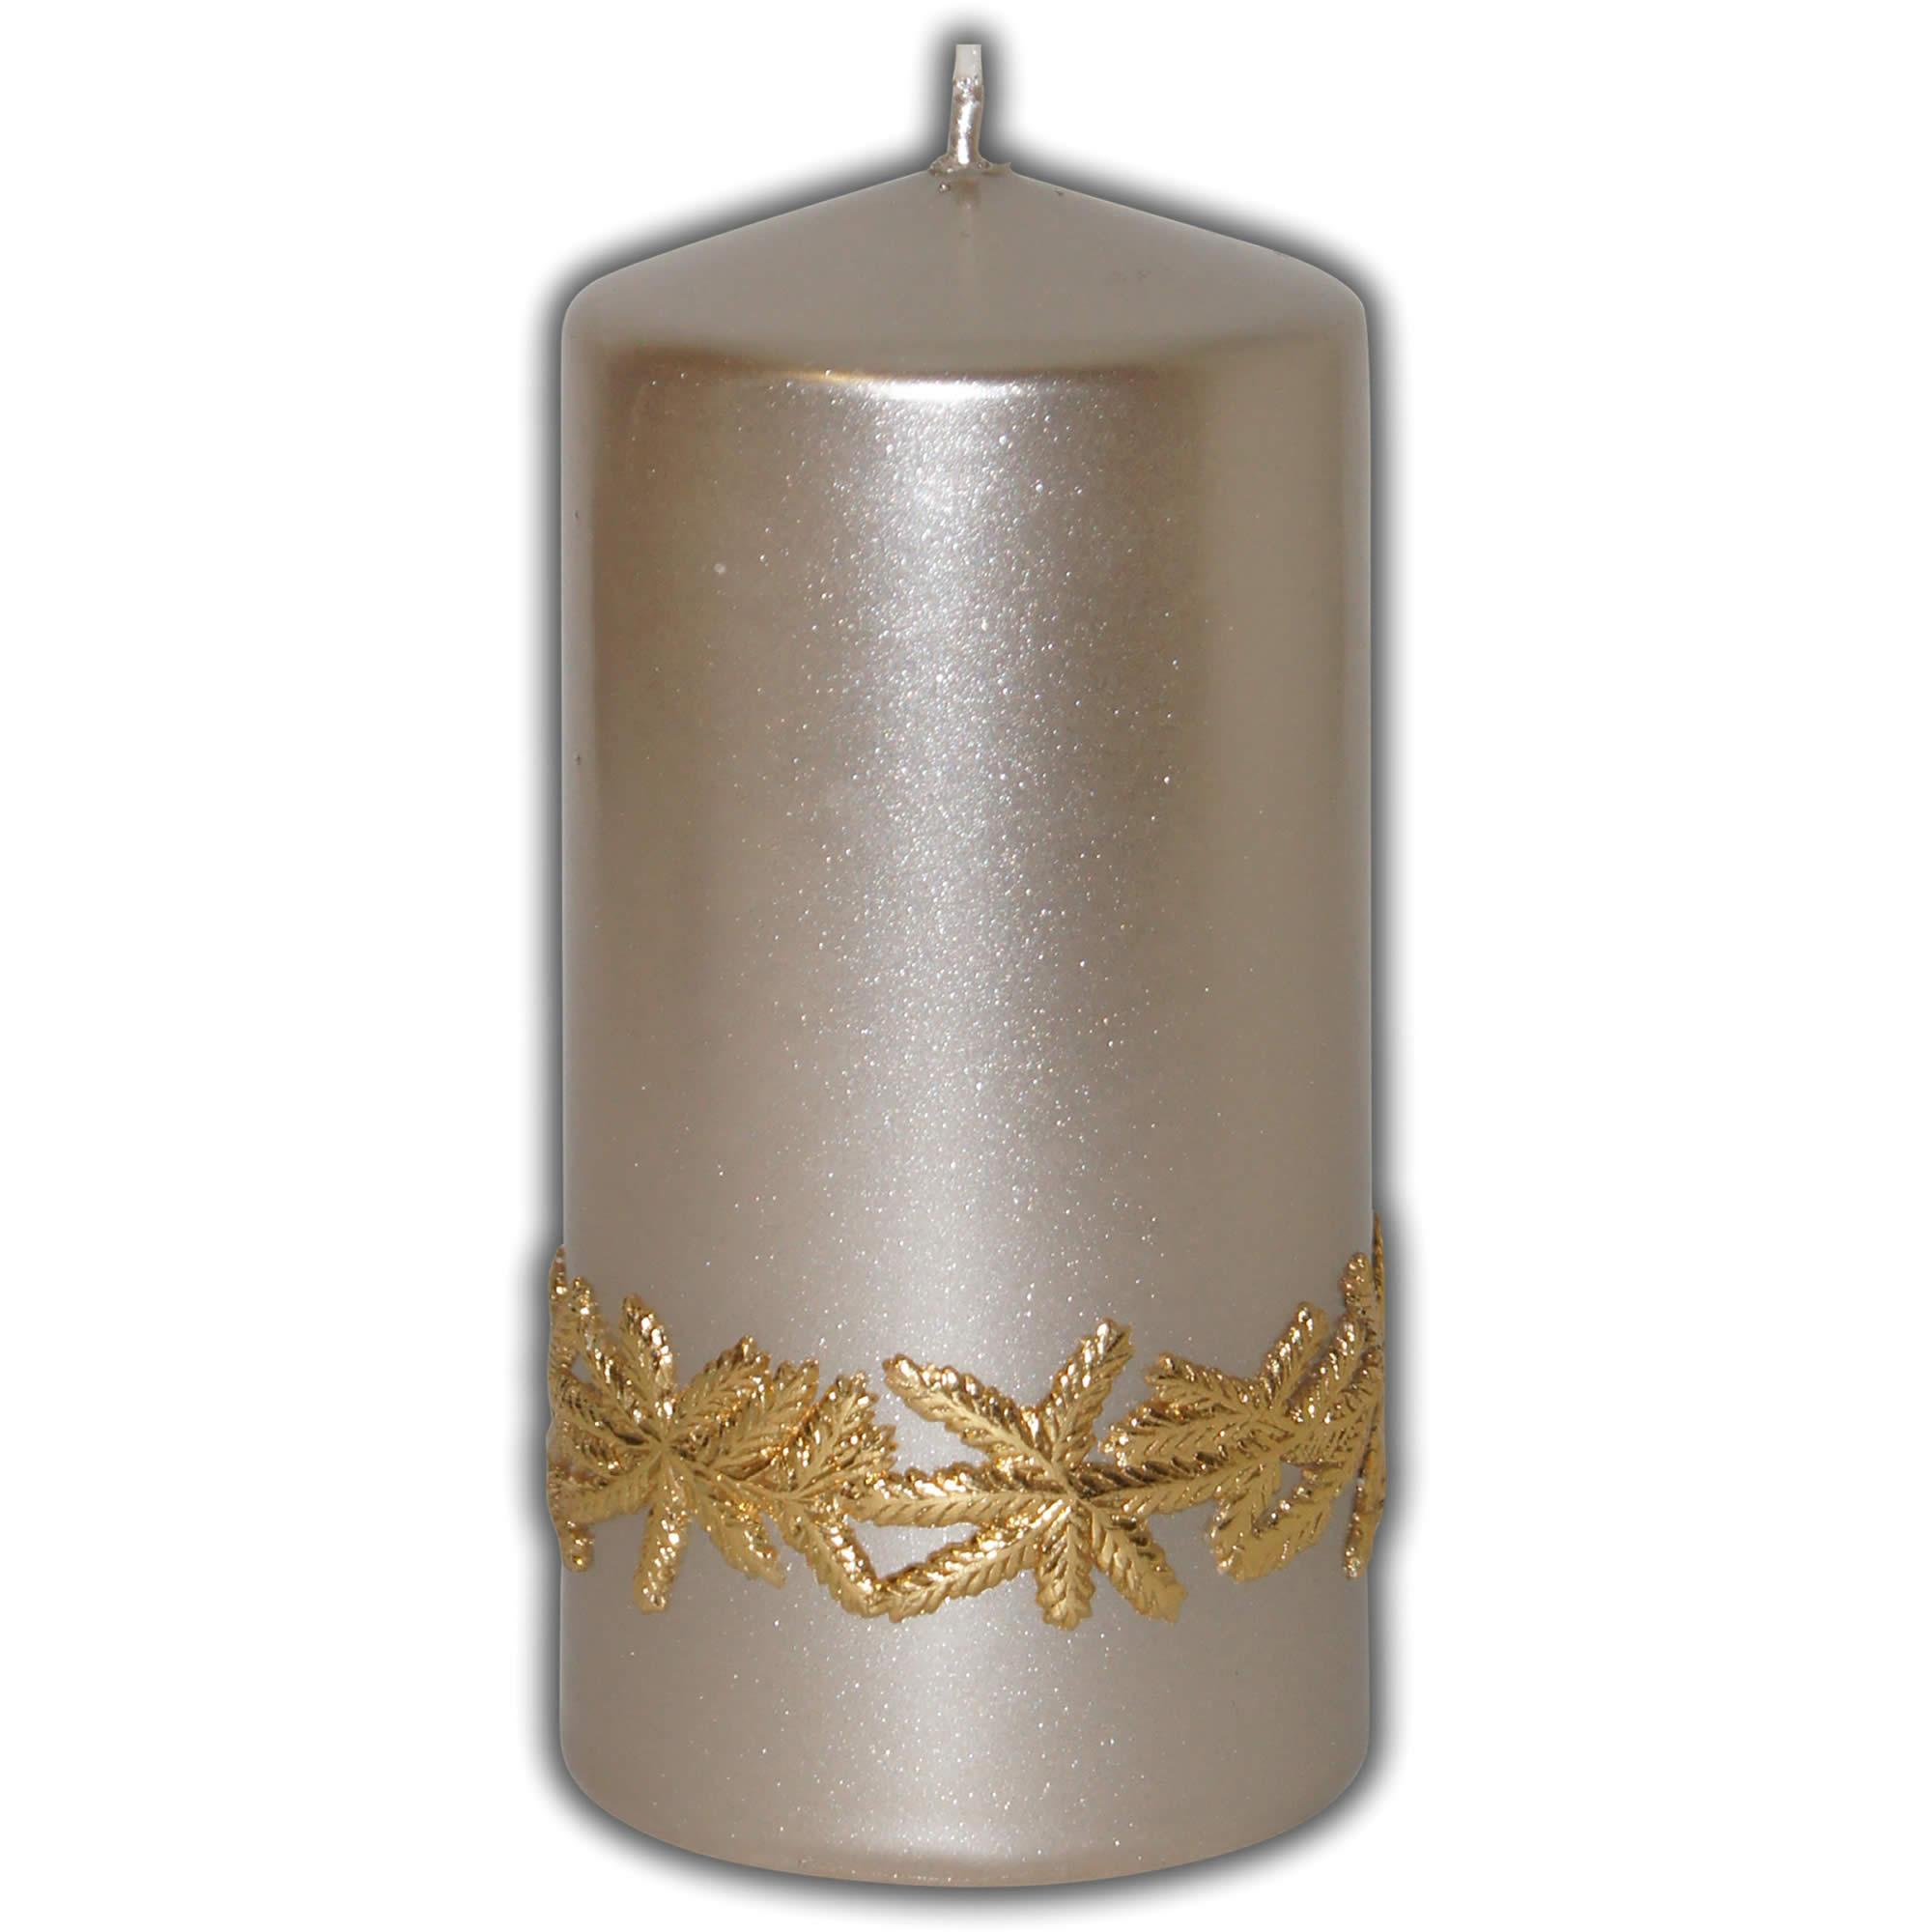 Adventskerze weihnachtsdeko kerze silber metallic for Weihnachtsdeko silber